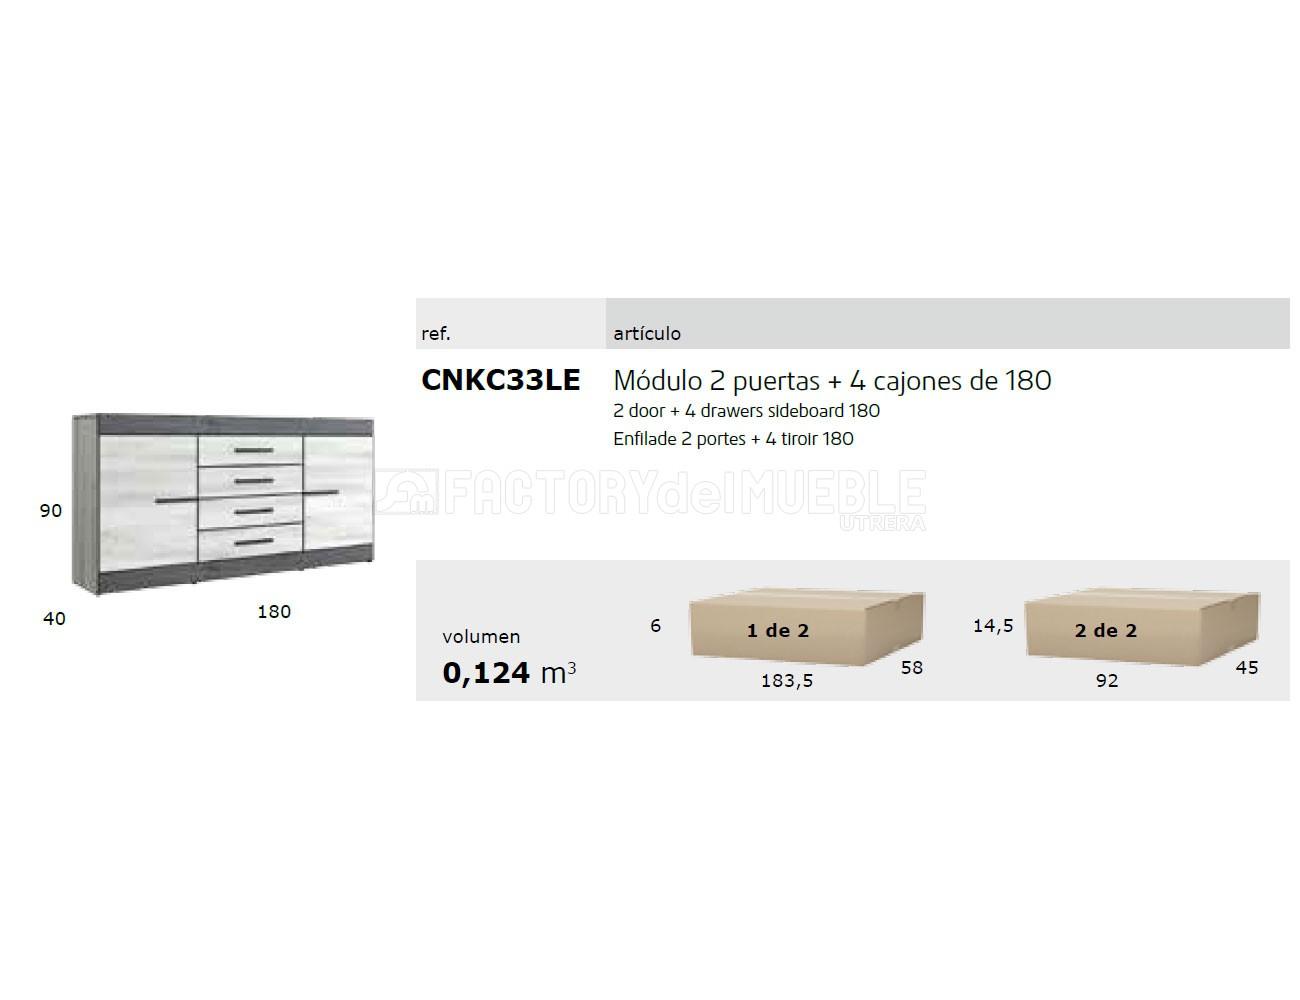 Cnkc33le